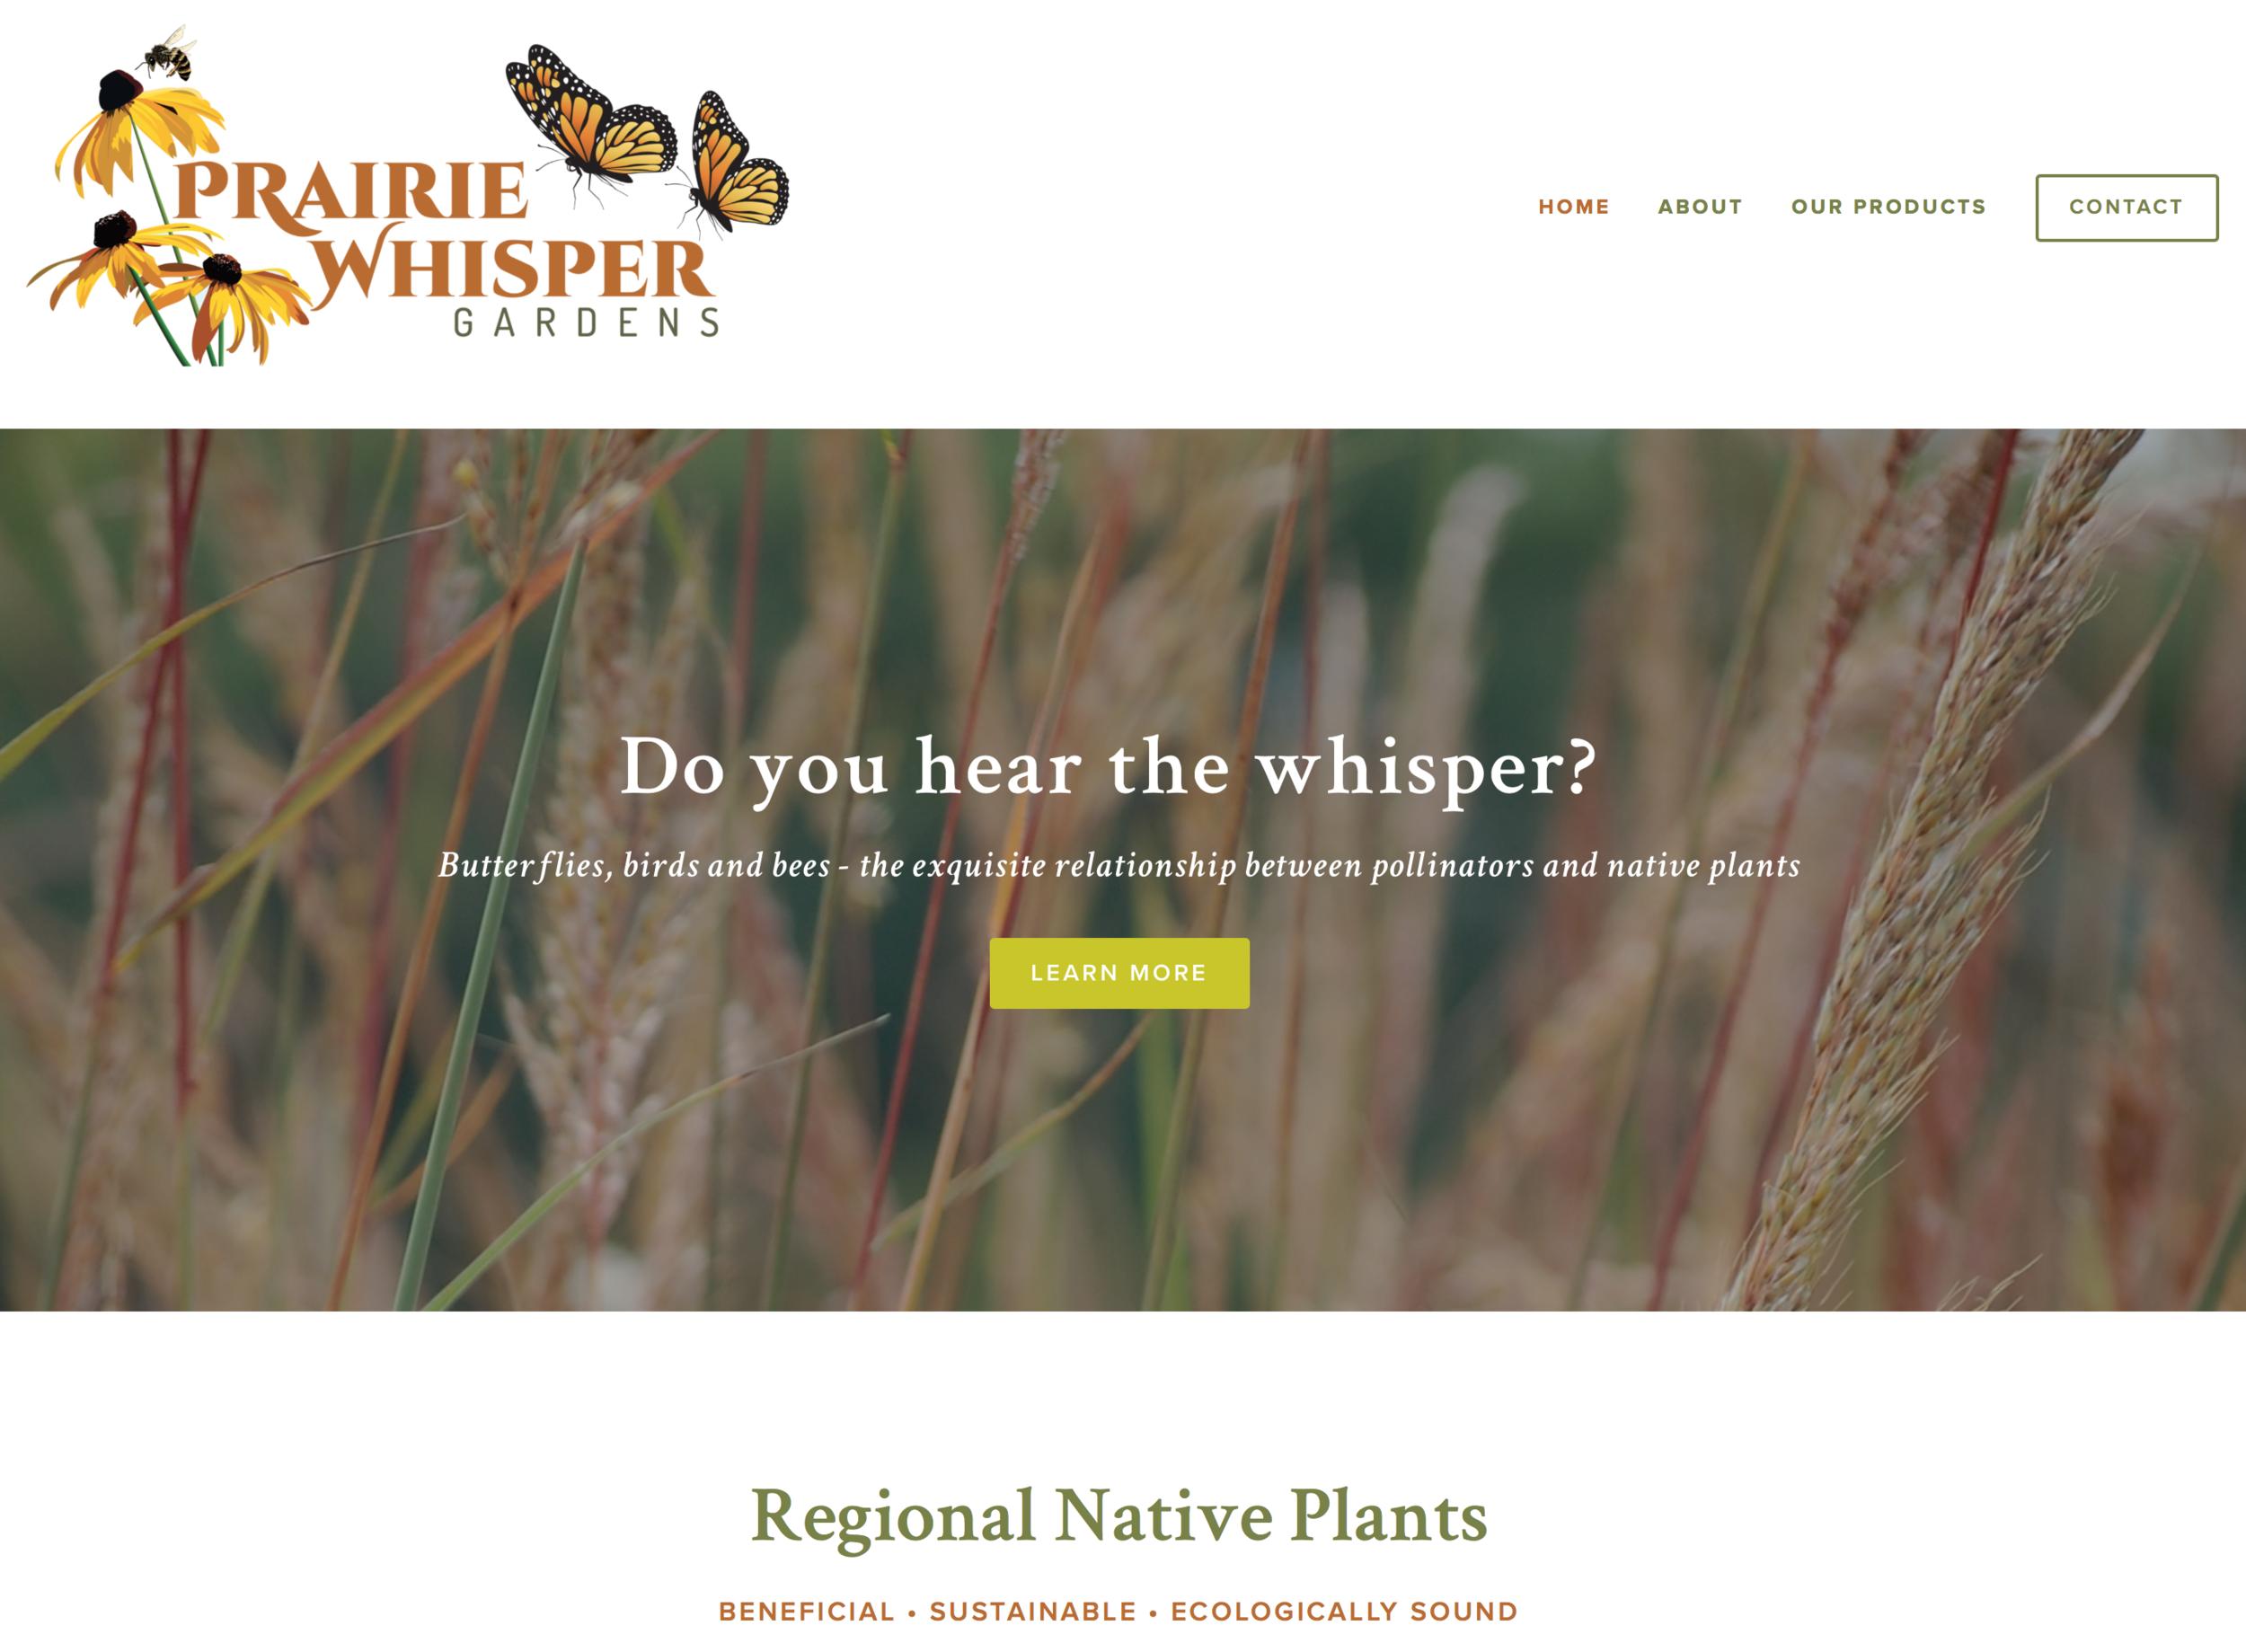 Website for Prairie Whisper Gardens in Spring Hill, KS